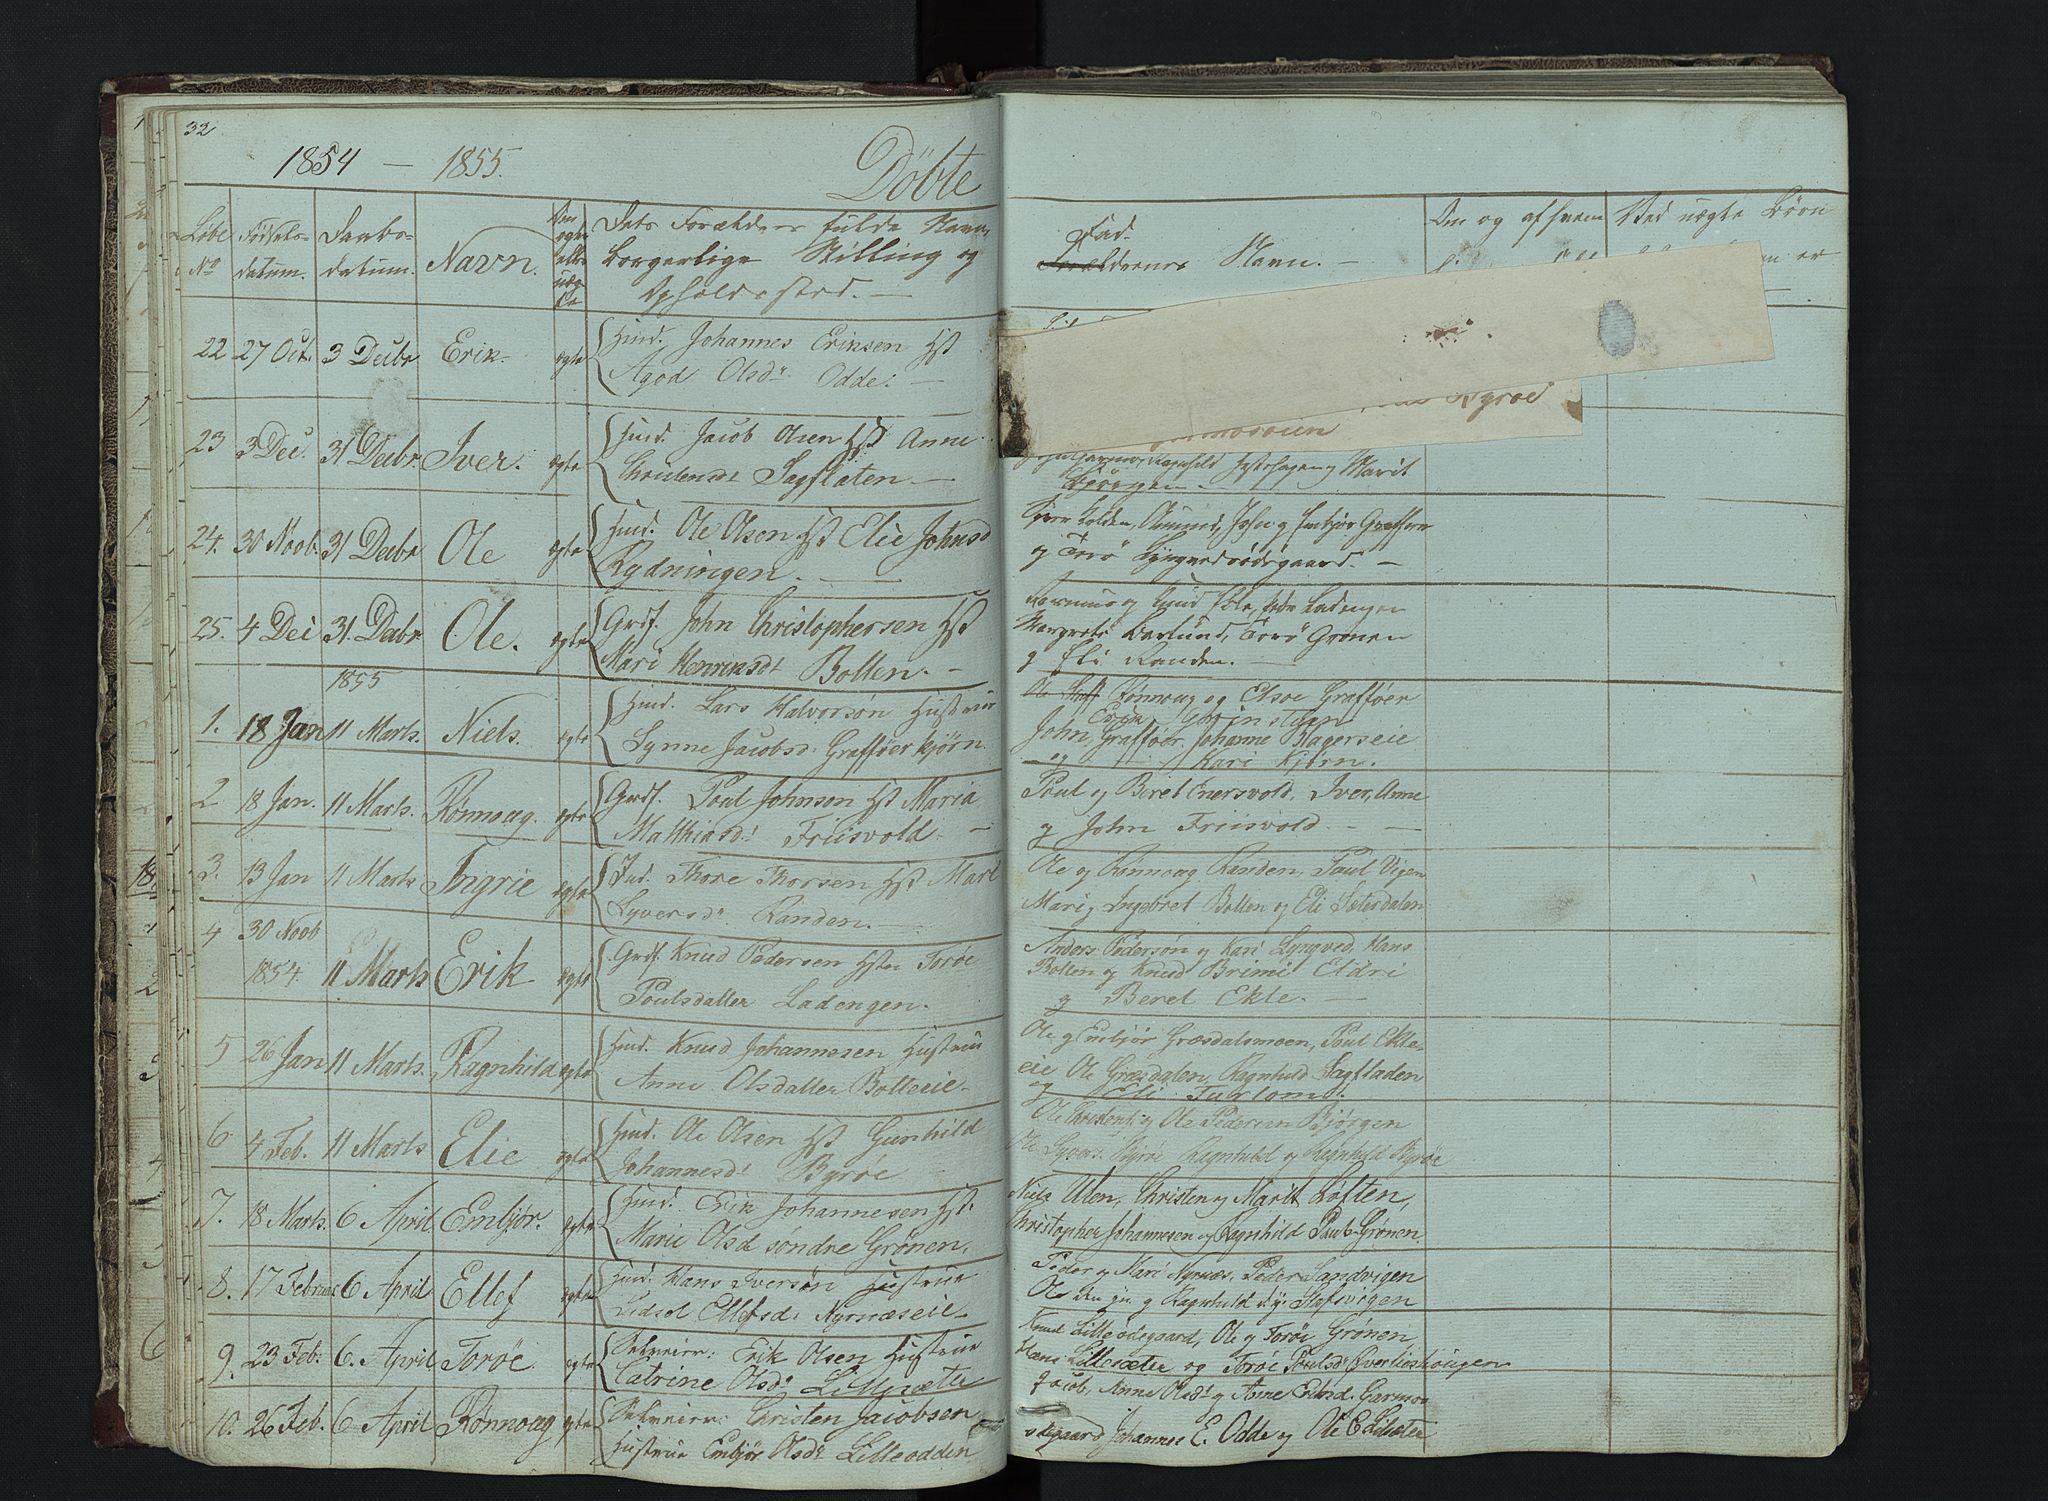 SAH, Lom prestekontor, L/L0014: Klokkerbok nr. 14, 1845-1876, s. 32-33